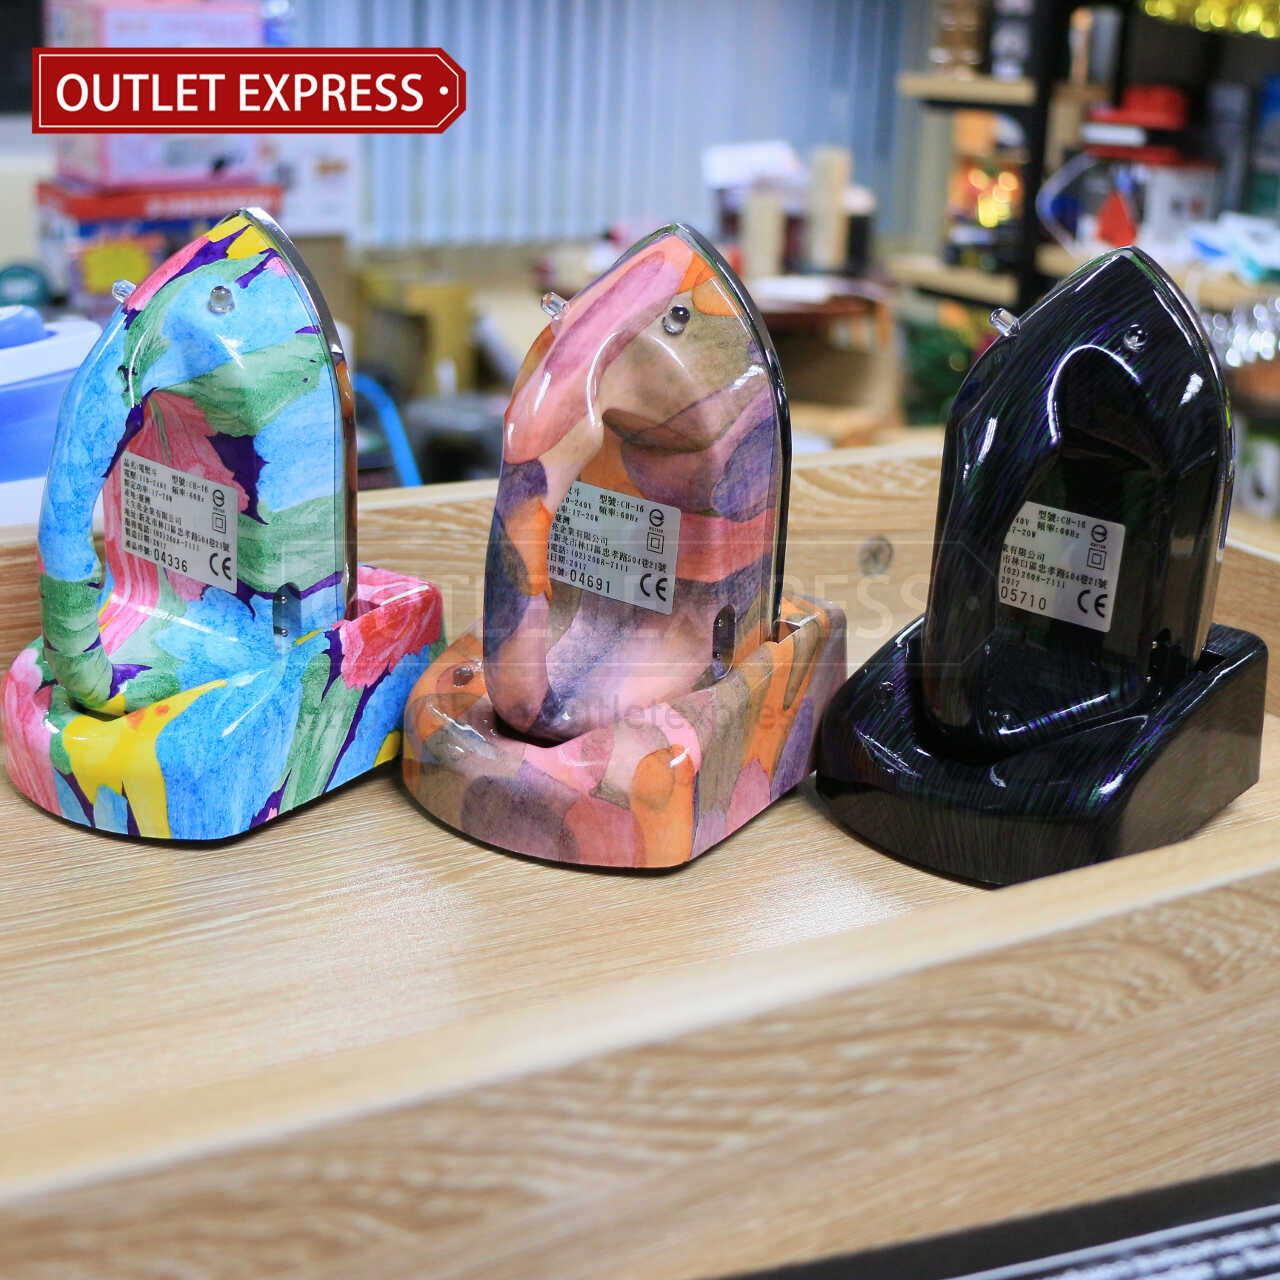 台灣 TSL Chef Master 預熱式無線迷你掌上型旅行熨斗- Outlet Express HK生活百貨城實拍相片